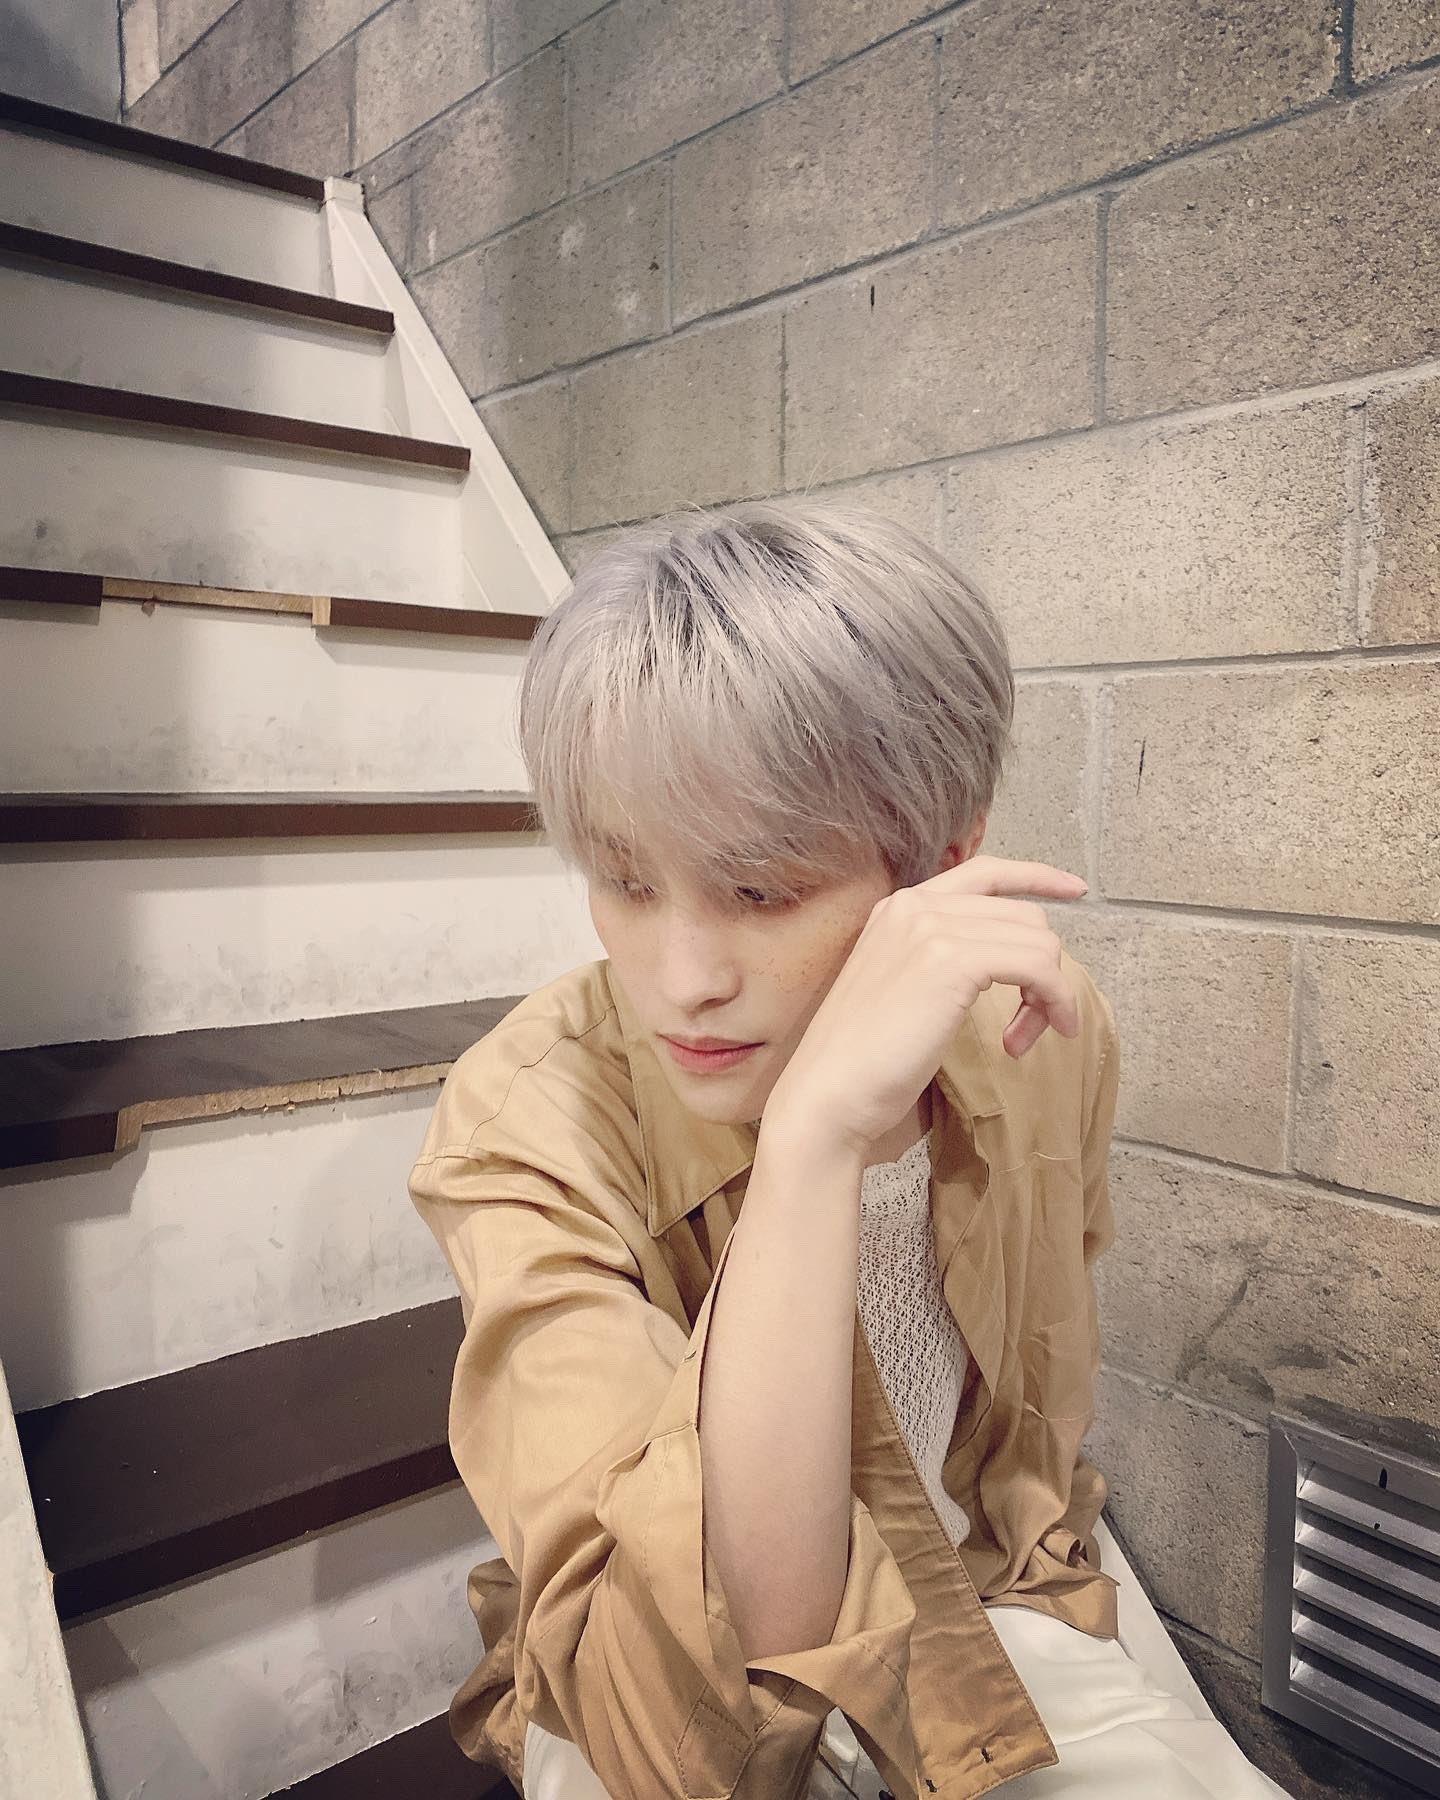 wayv yangyang weibo